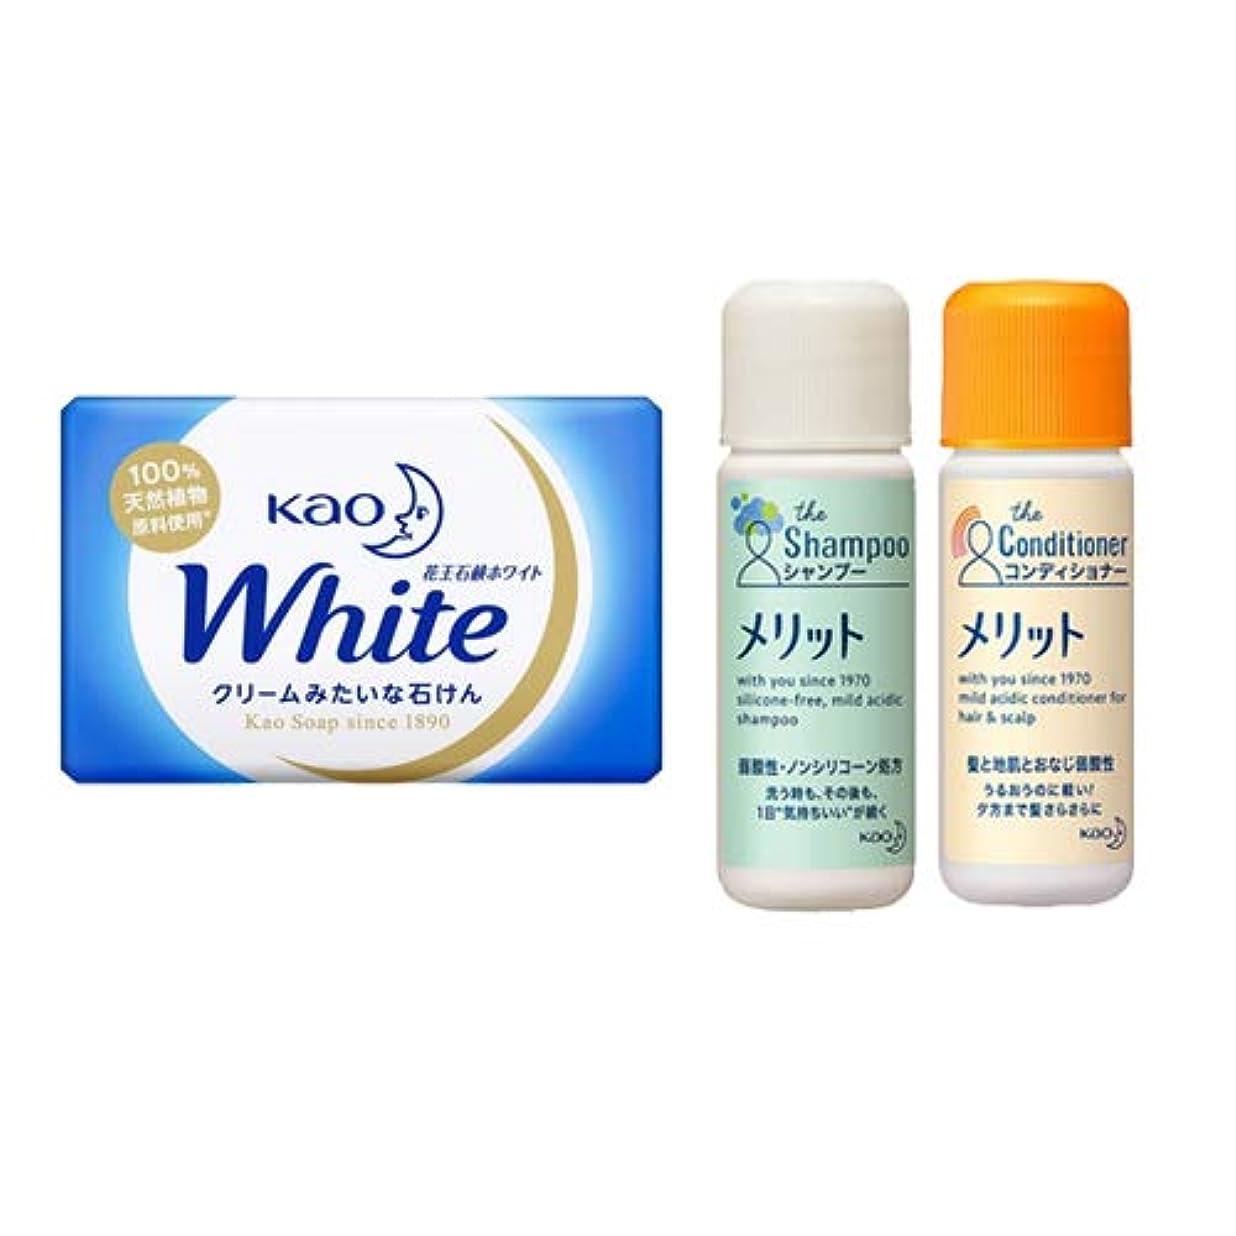 謎成長種花王(KAO) 石鹸ホワイト(Kao Soap White) 15g + メリットシャンプー 16ml + リンス 16ml セット